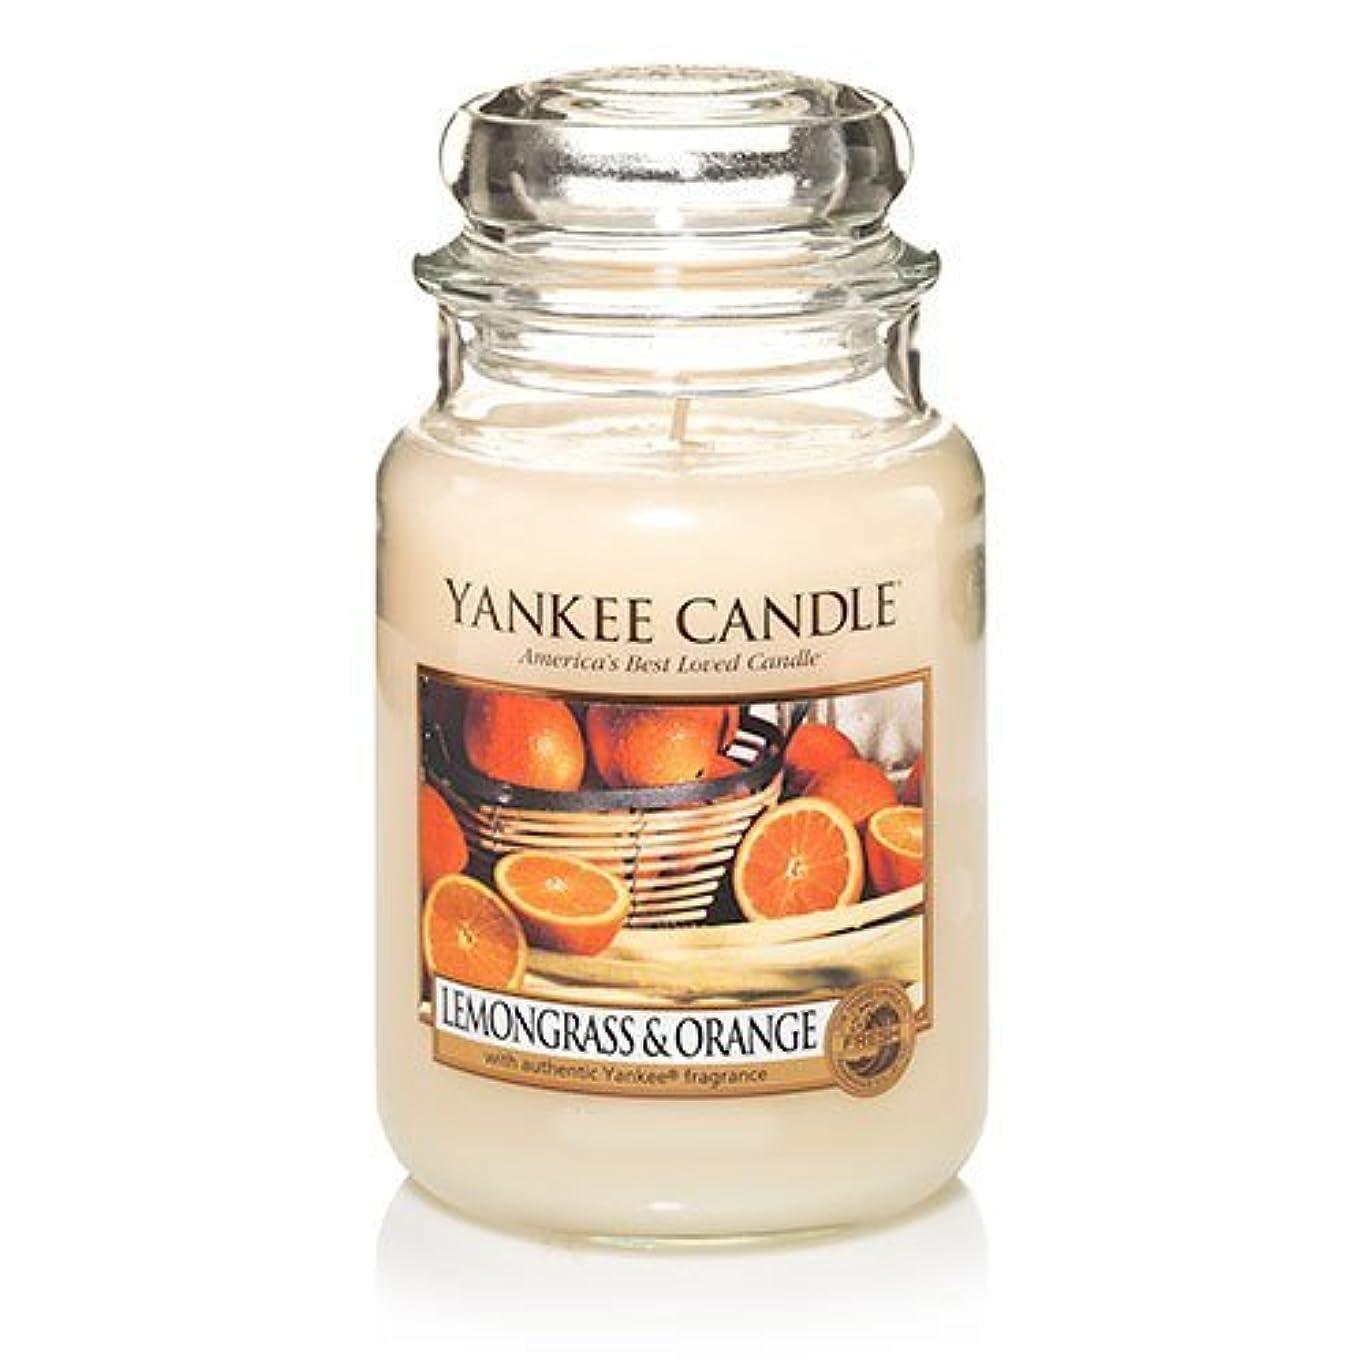 スキニーバラバラにするしがみつくYankee Candle Lemongrass & Orange - 22oz Large Housewarmer Jar by Yankee Candle [並行輸入品]